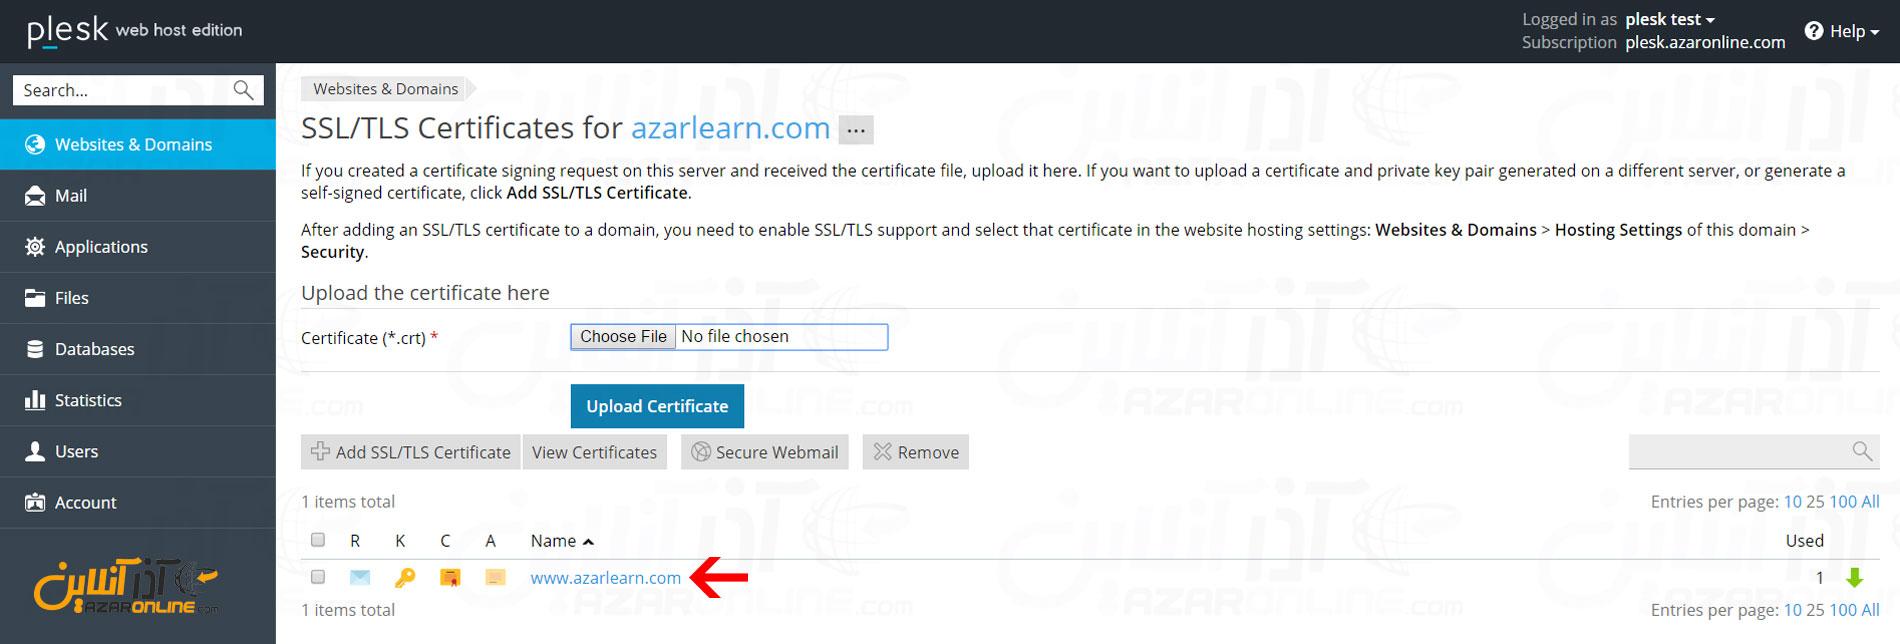 رفتن به تنظیمات certificate برای انتقال ssl از plesk به cpanel